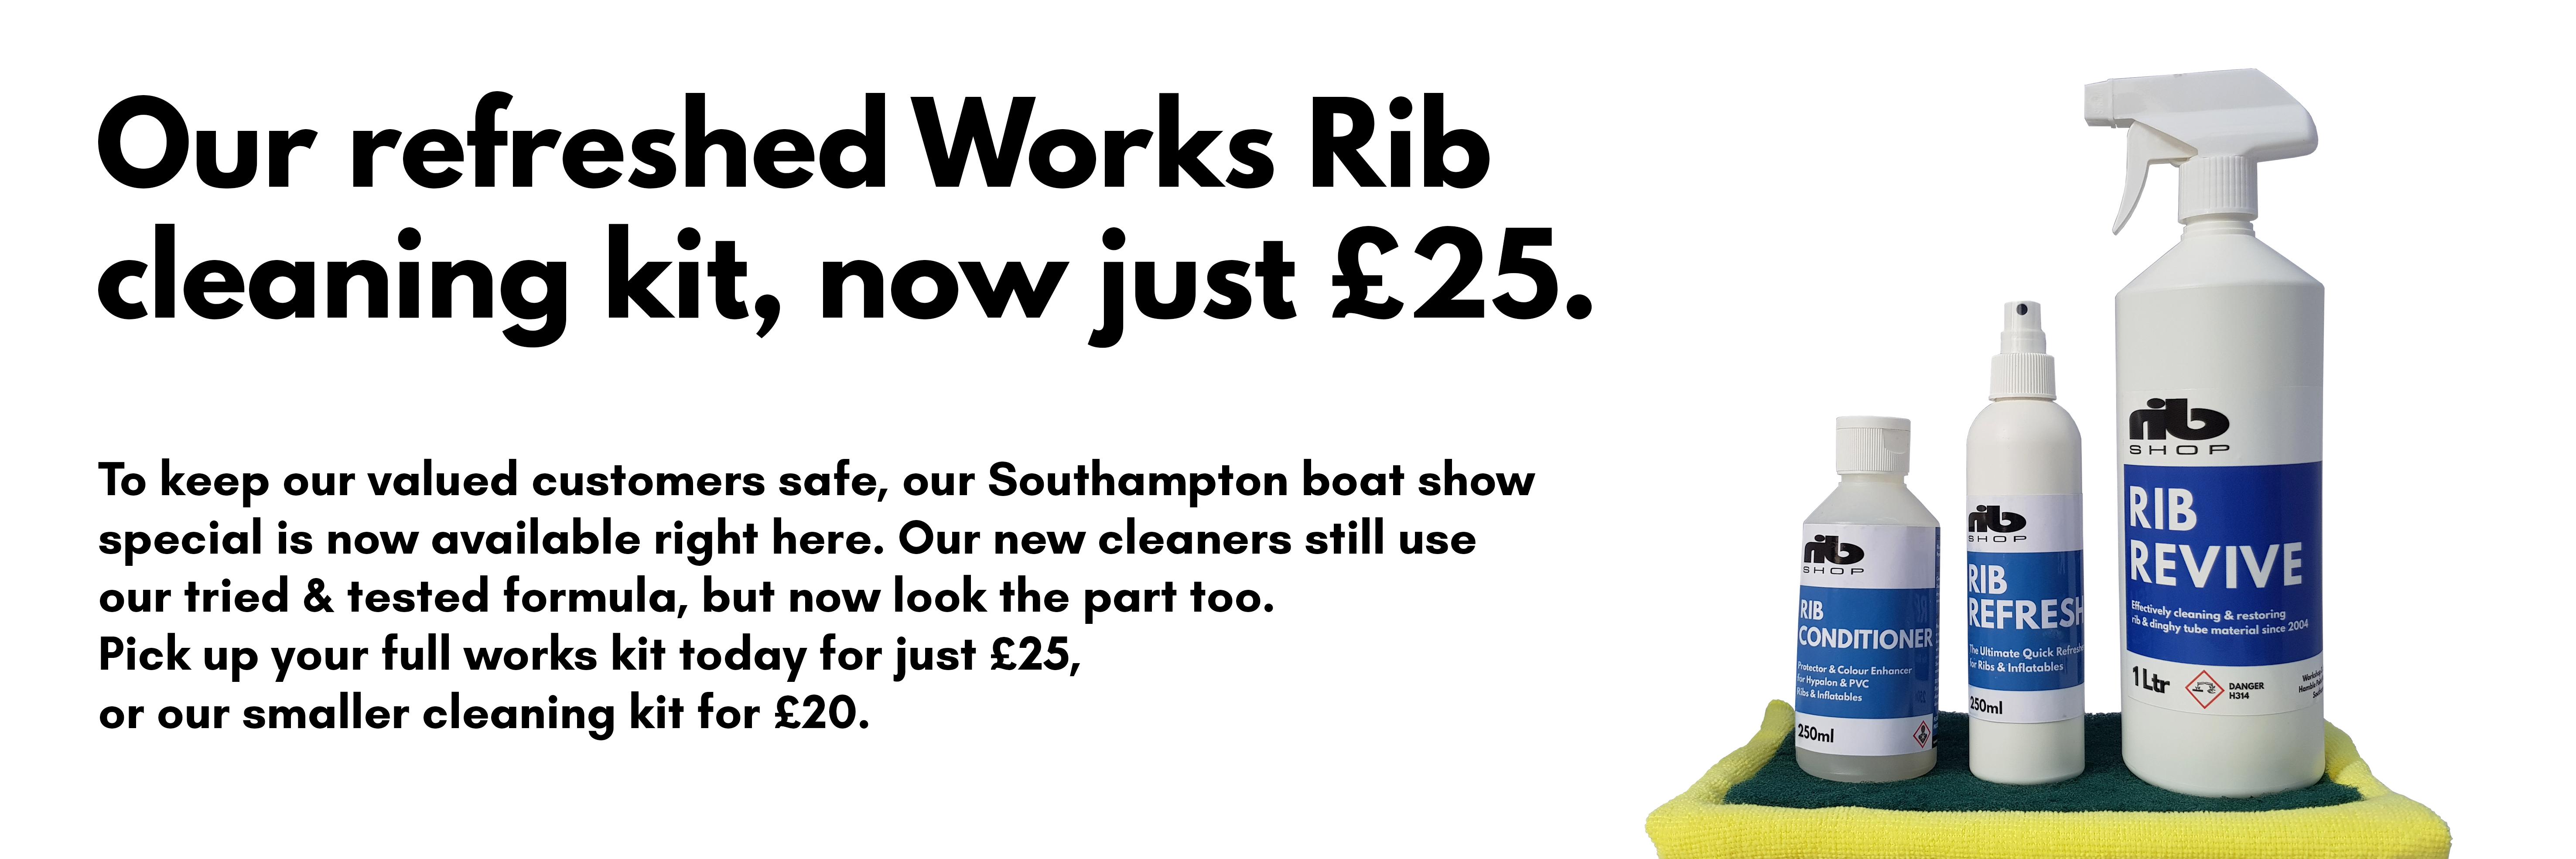 works-rib-kit-promotional-banner-3.jpg